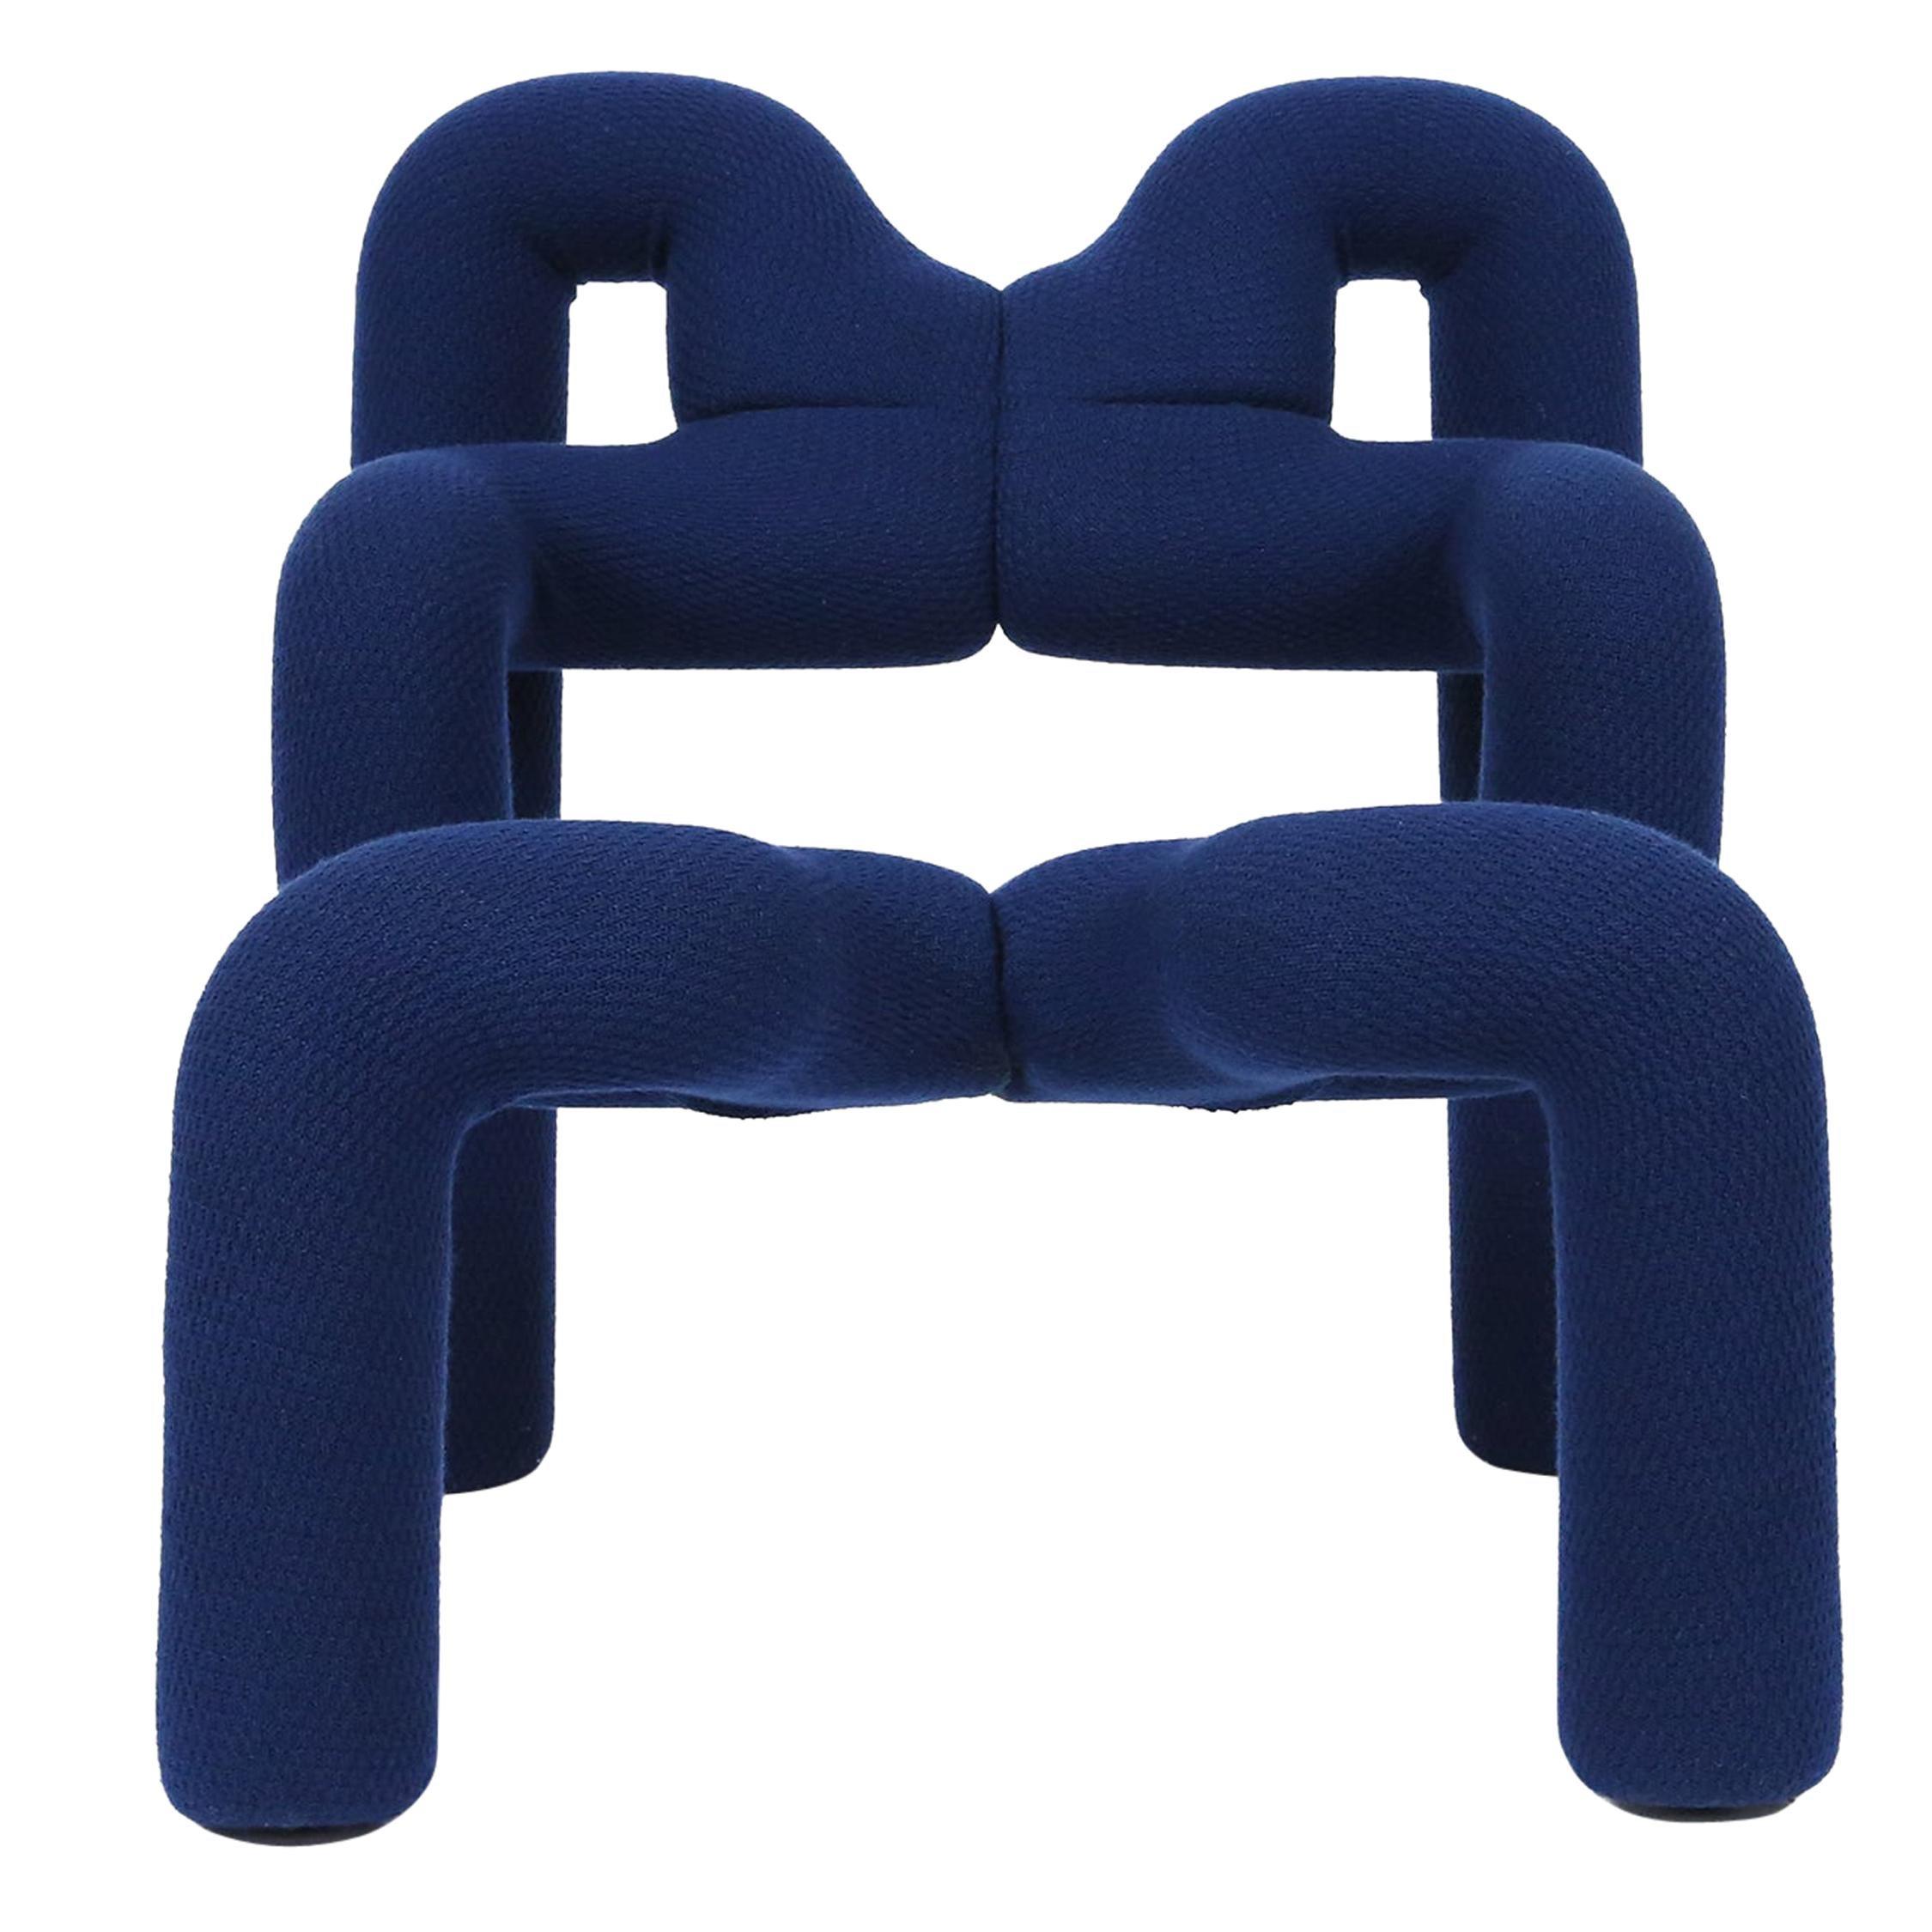 """""""Ekstrem"""" Sculptural Chair by Terje Ekstrom Made in Norway"""